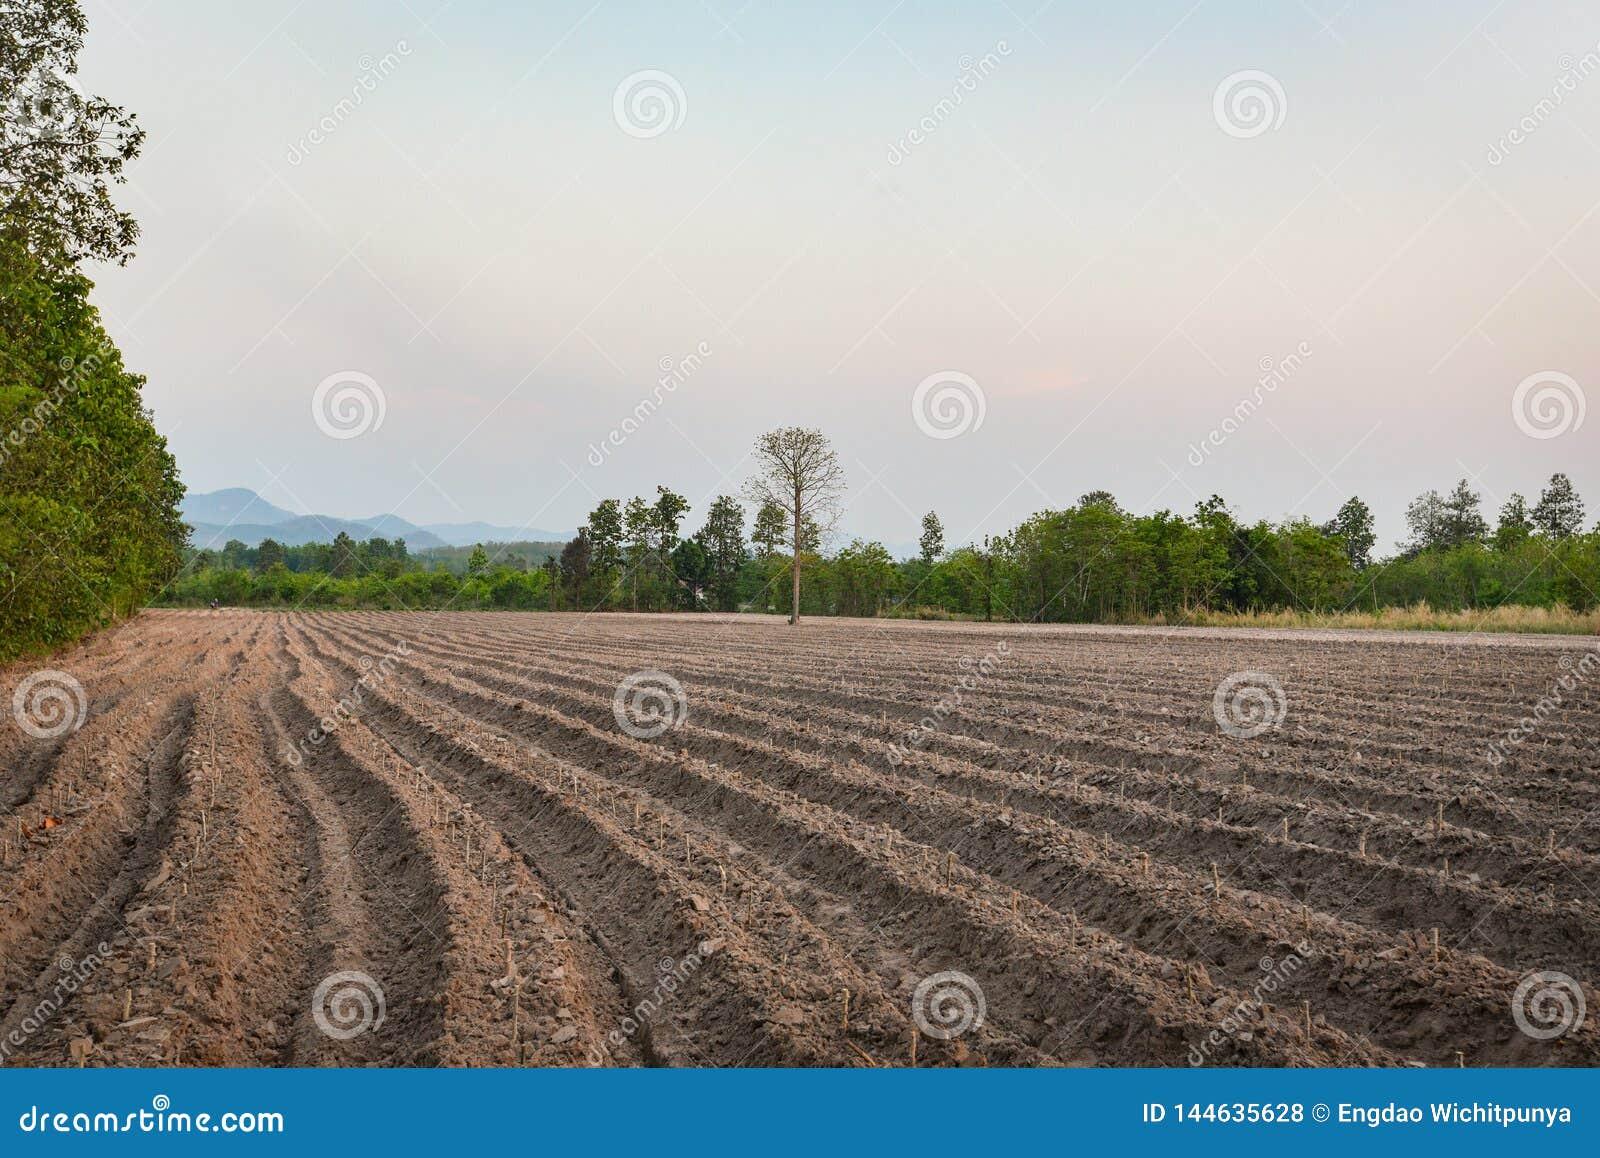 La charrue d agriculture préparent le sol pour commencent à planter des terres cultivables de gisement de manioc